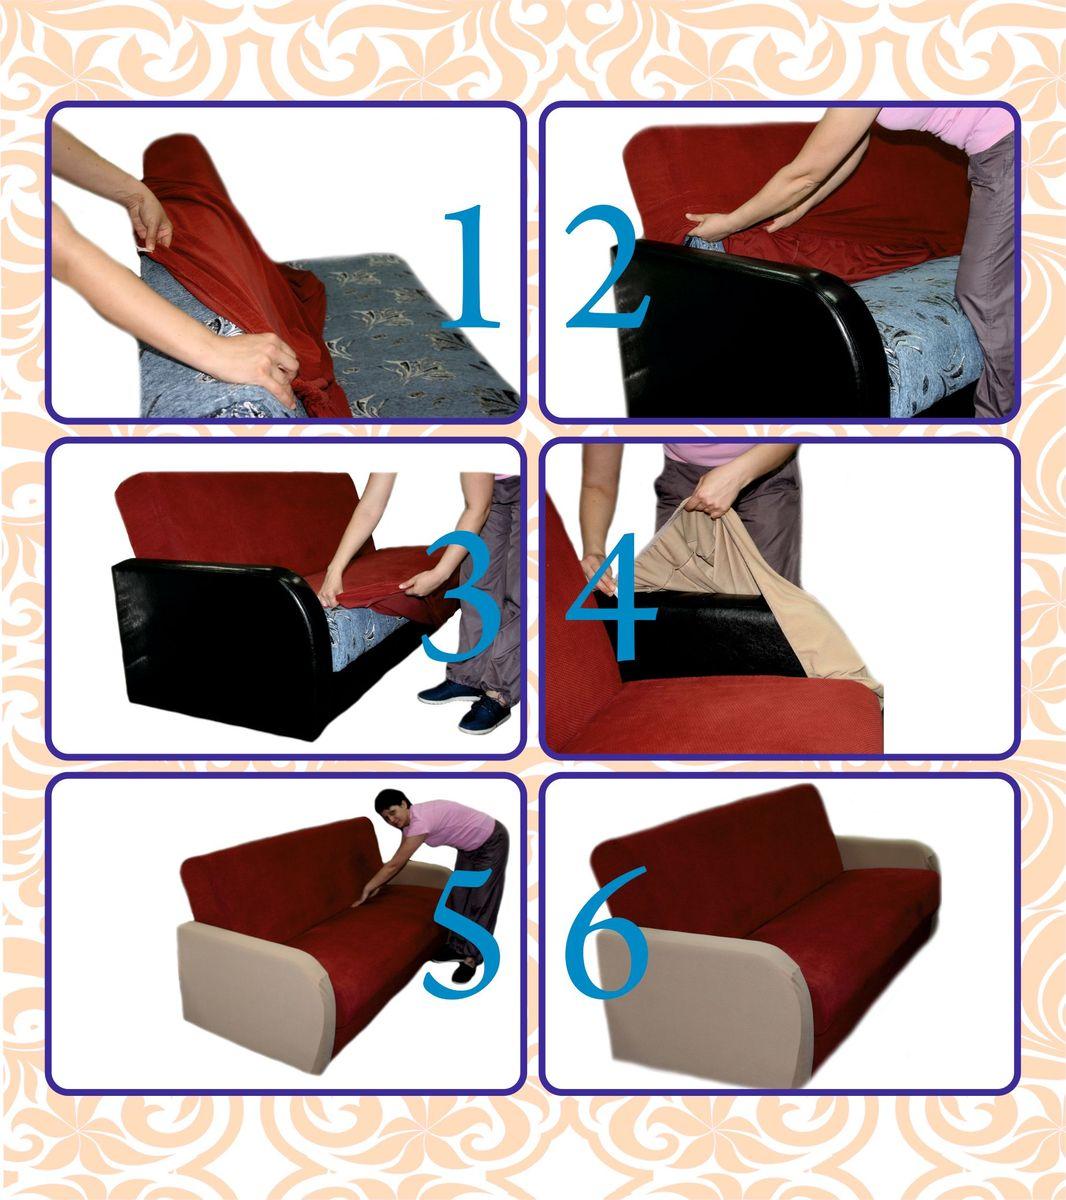 Сшить чехол для дивана клик кляк своими руками